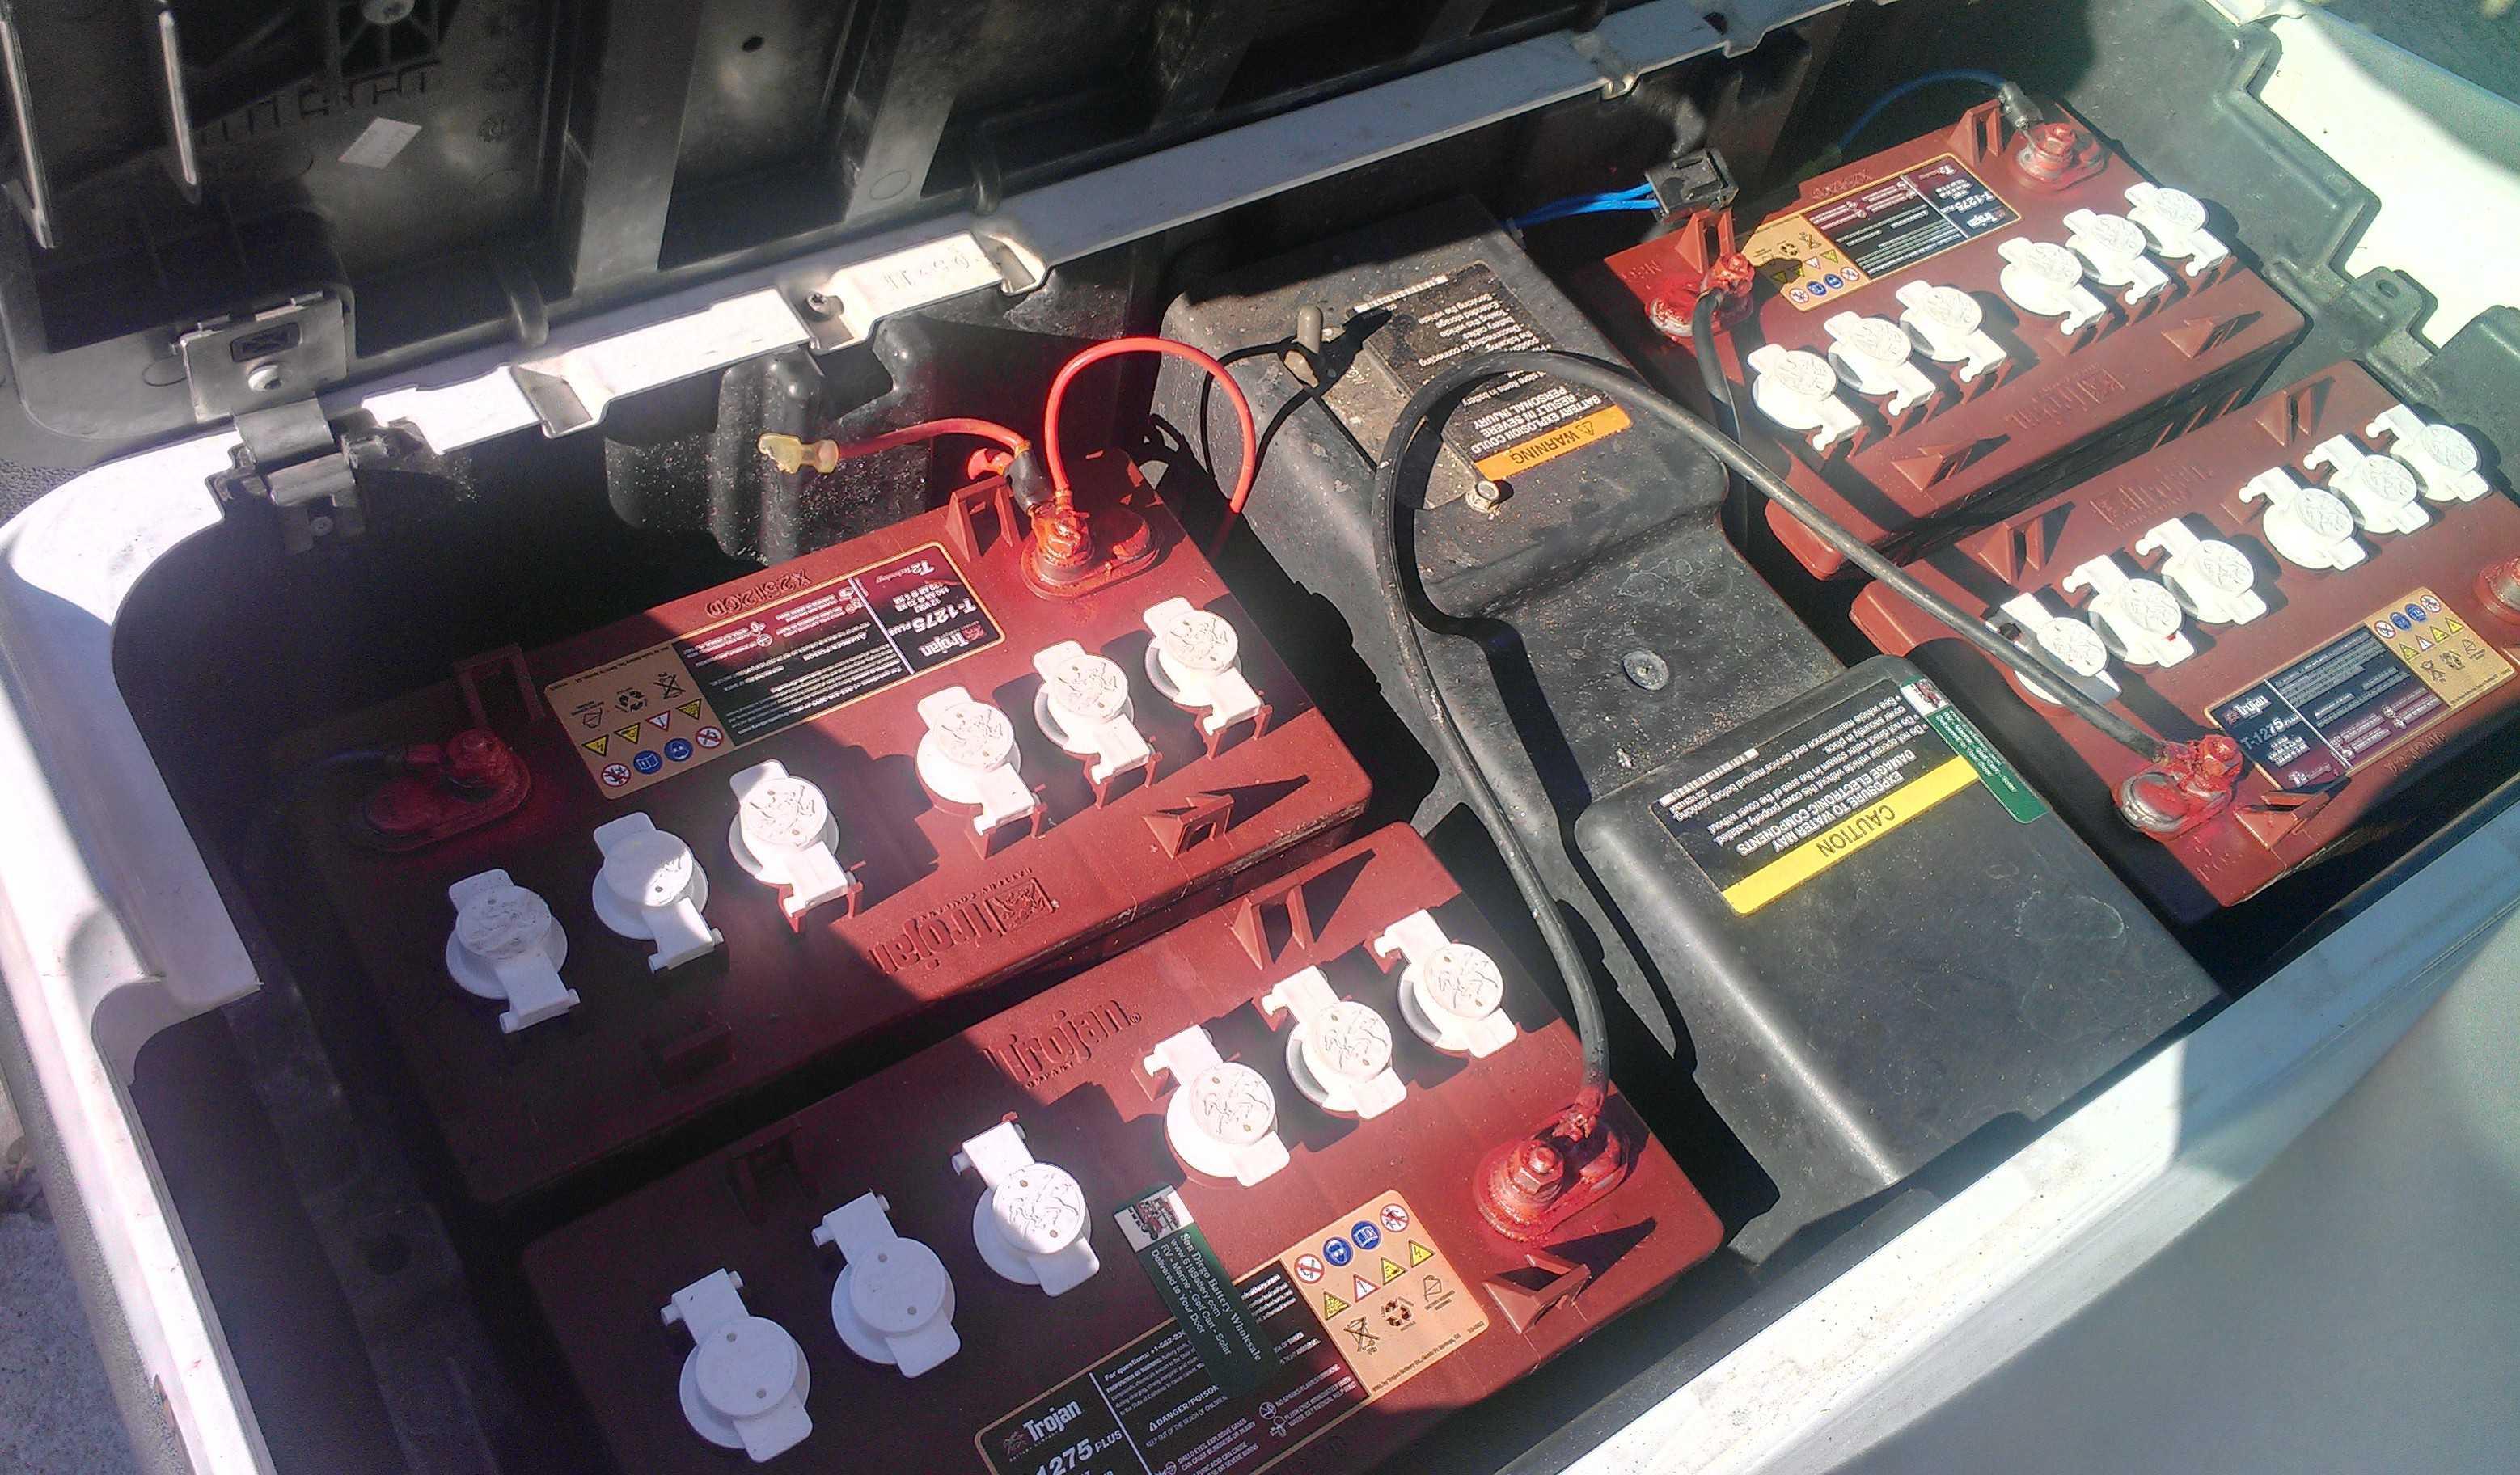 Ezgo Golf Cart Wiring Diagram Batteries Baterije Za Upotrebu U Ma Inama Za či ćenje I Radnim